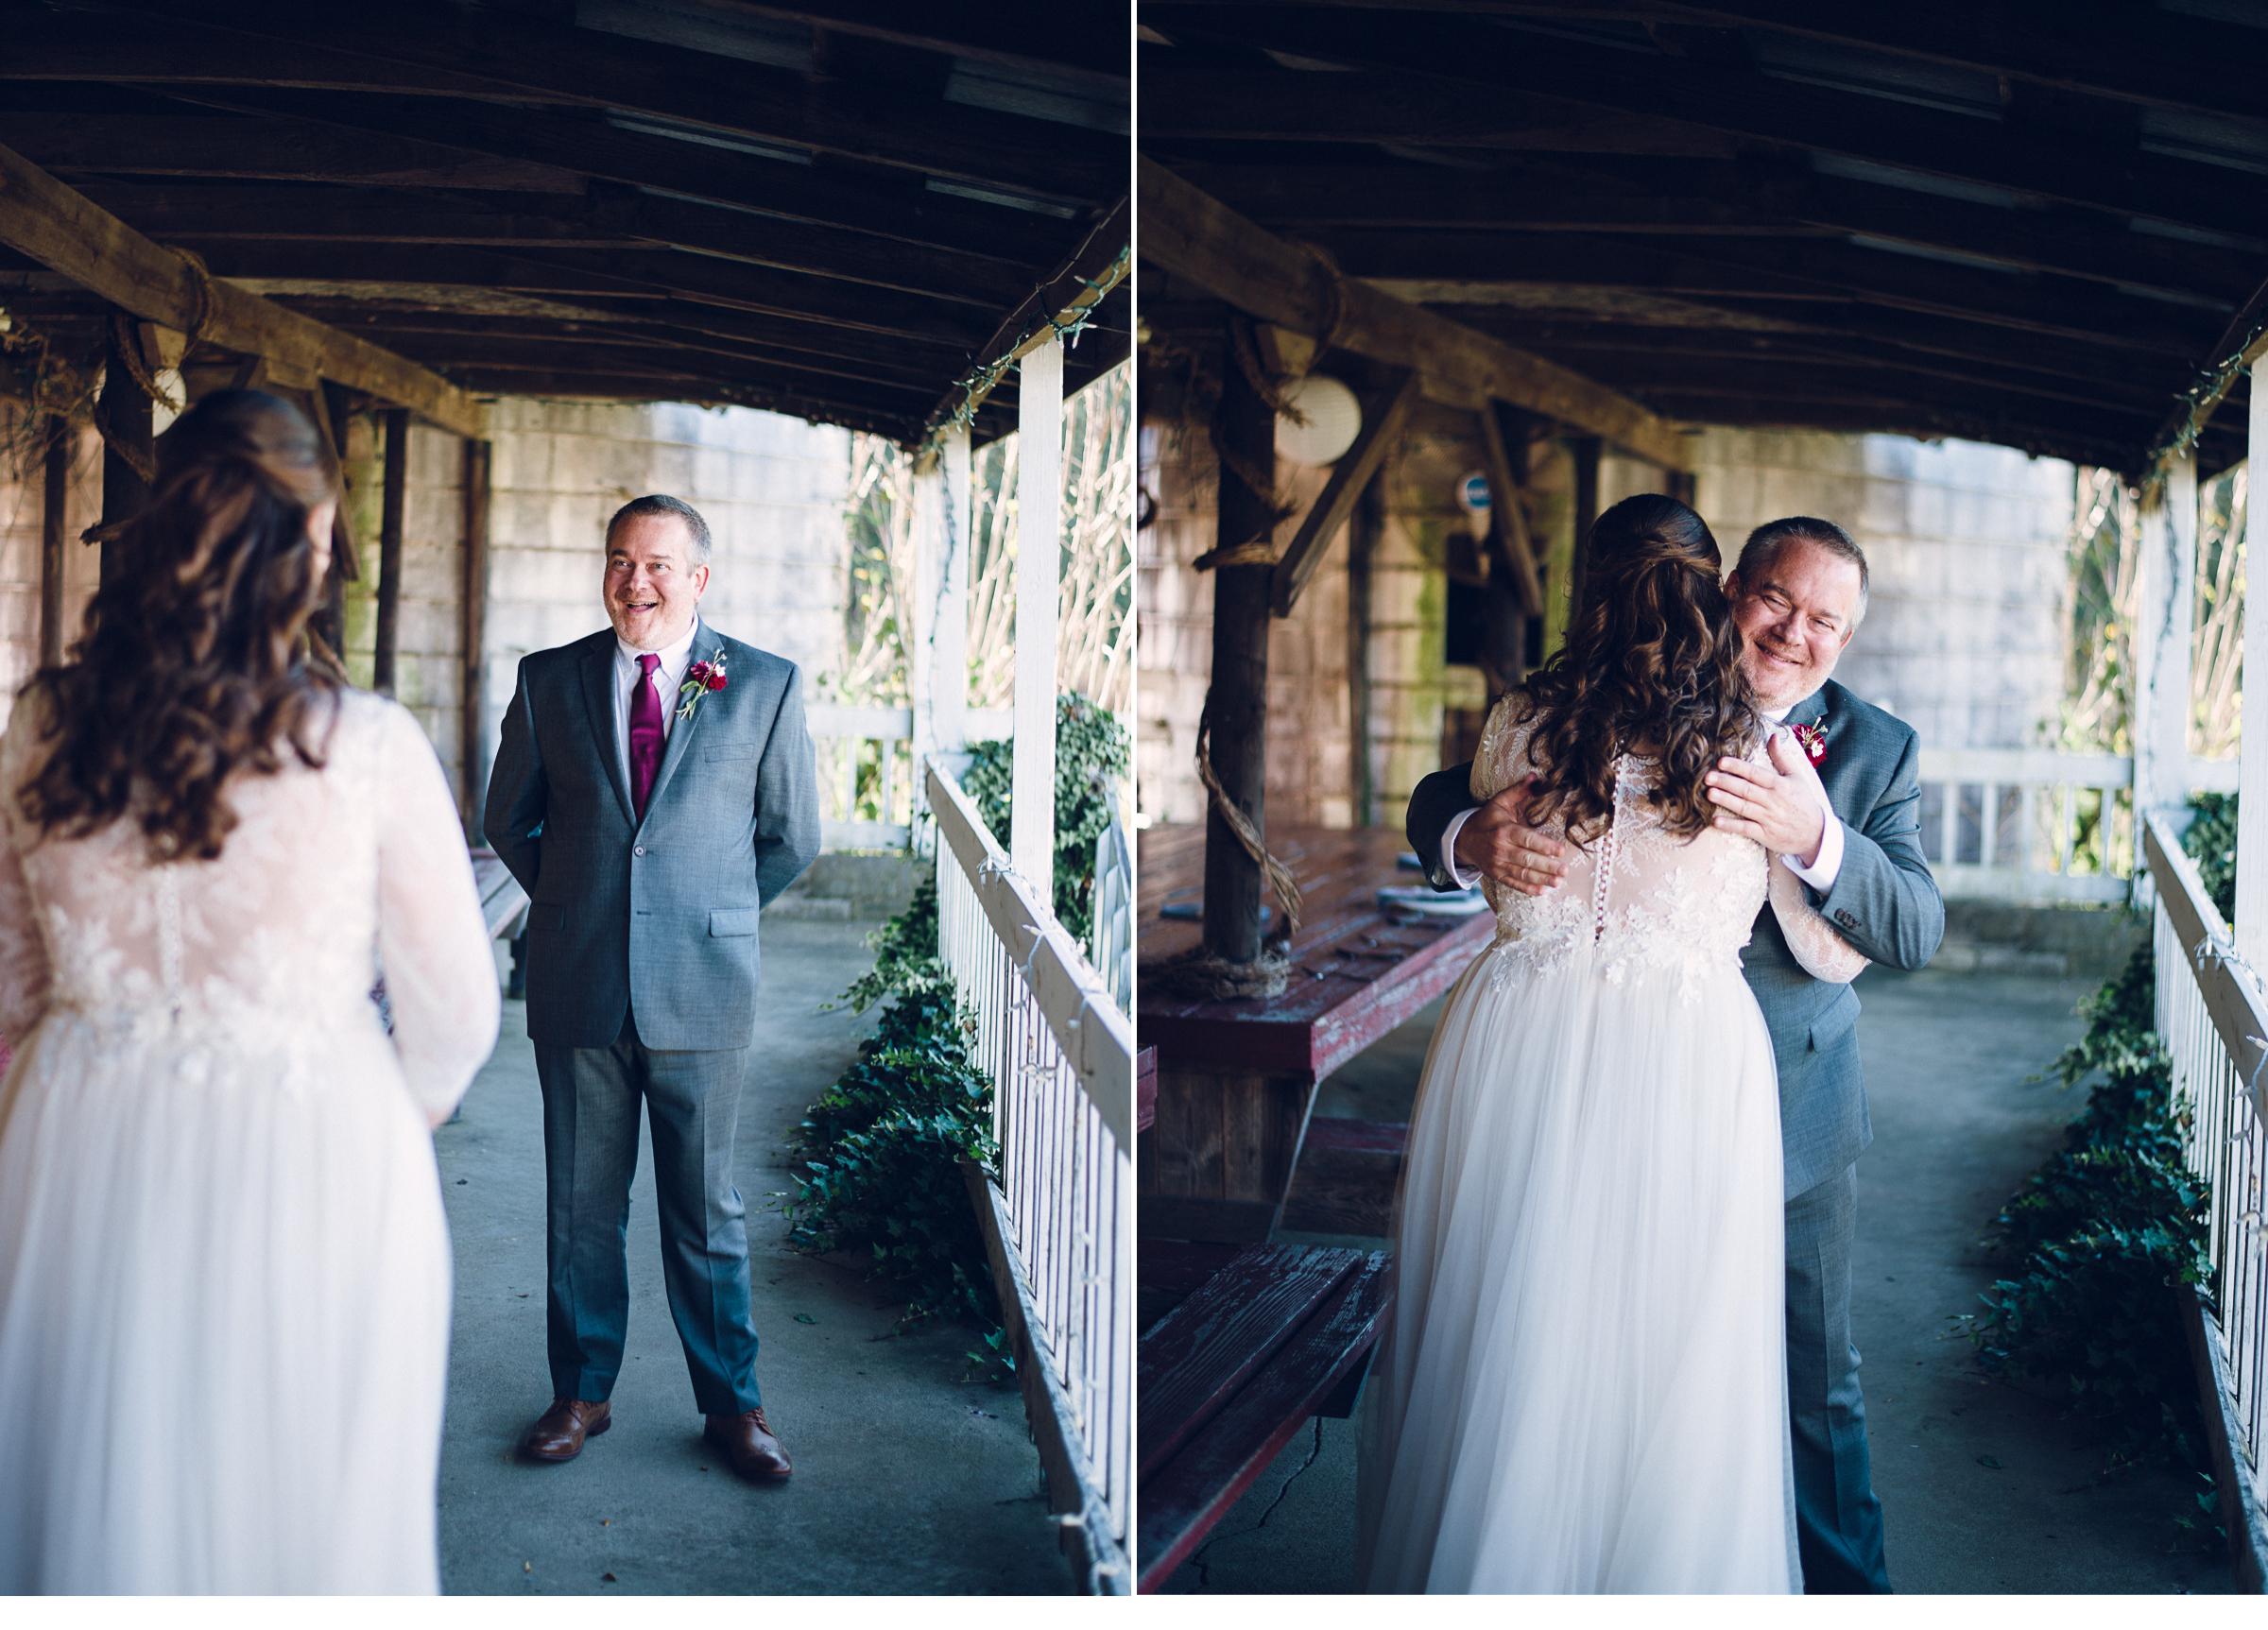 Stewart Wedding 21.jpg